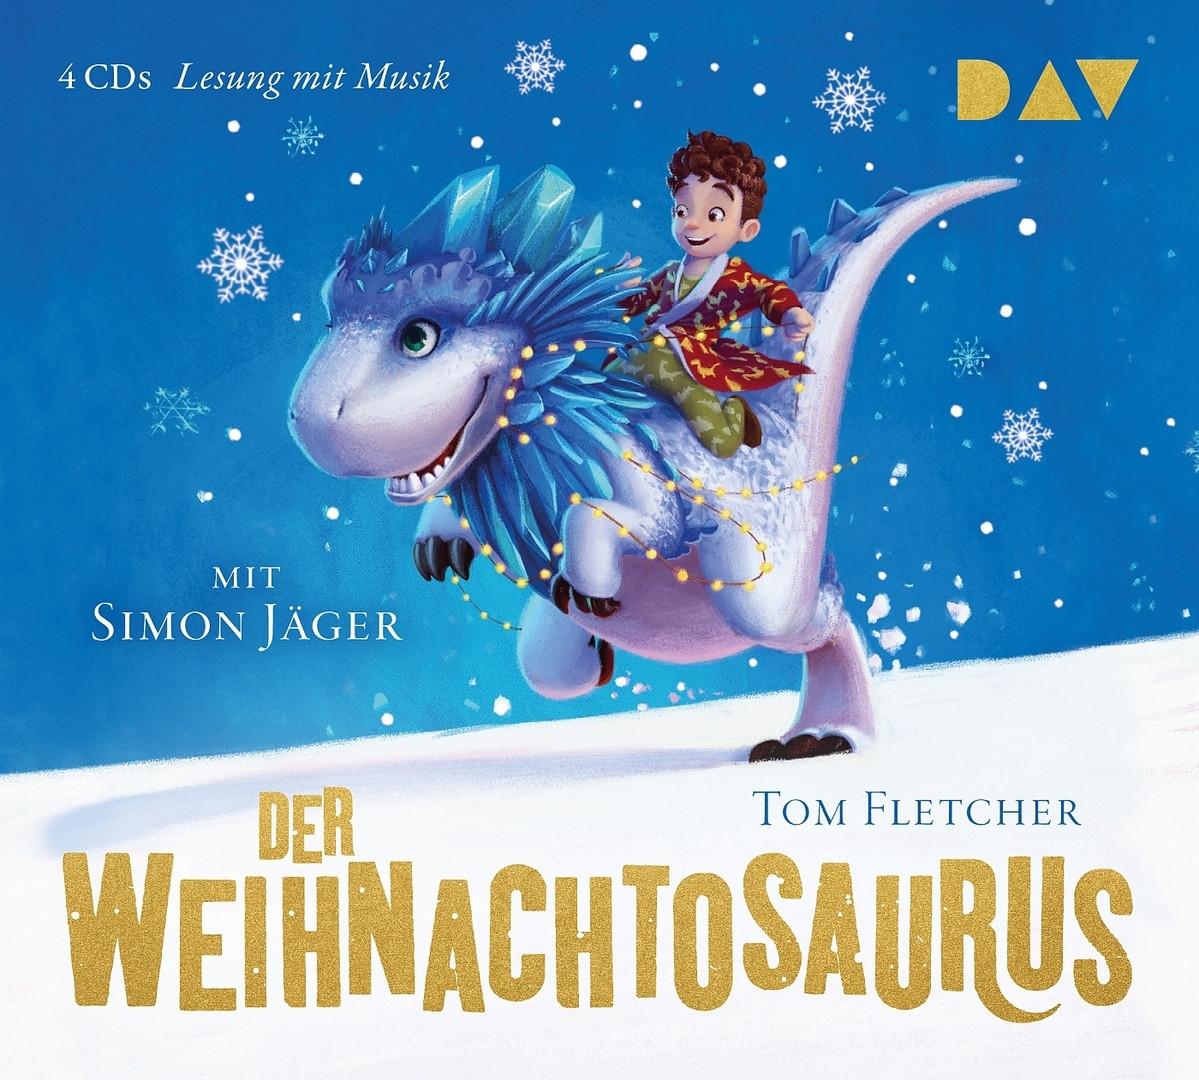 Tom Fletcher - Der Weihnachtosaurus